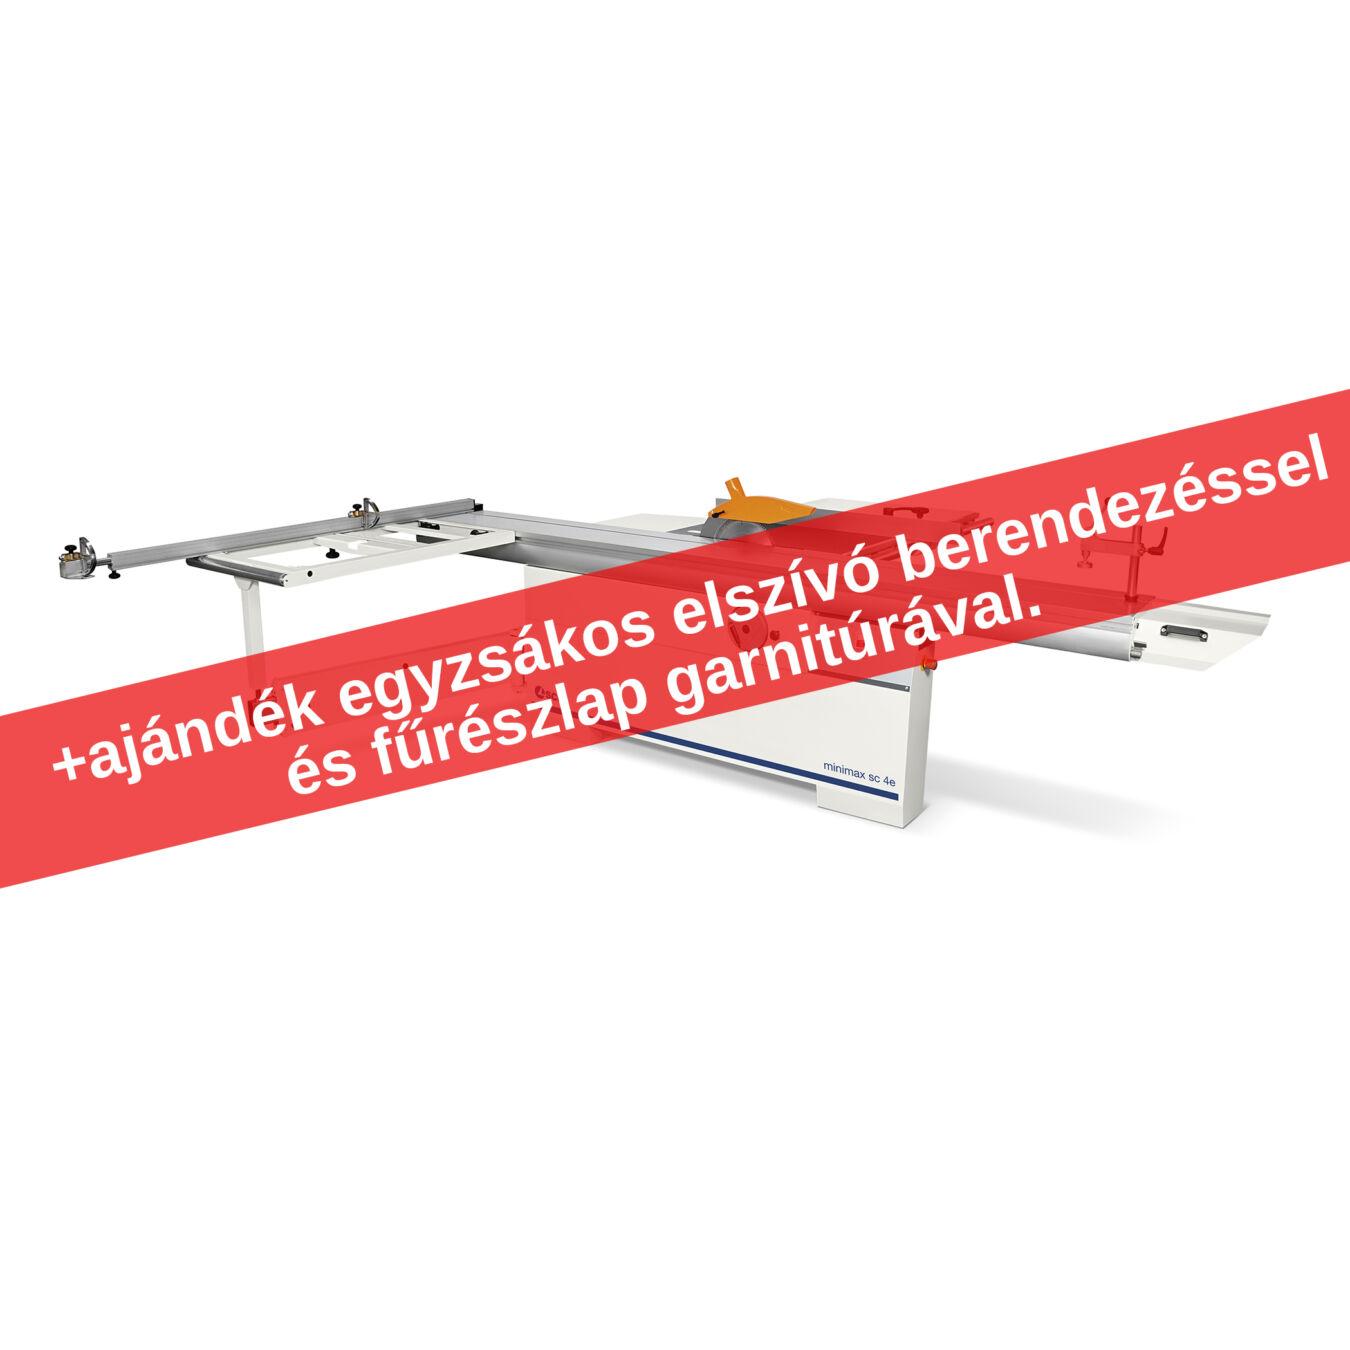 SCM Minimax SC4E + ajándék egyzsákos elszívó berendezéssel és fűrészlap garnitúrával.